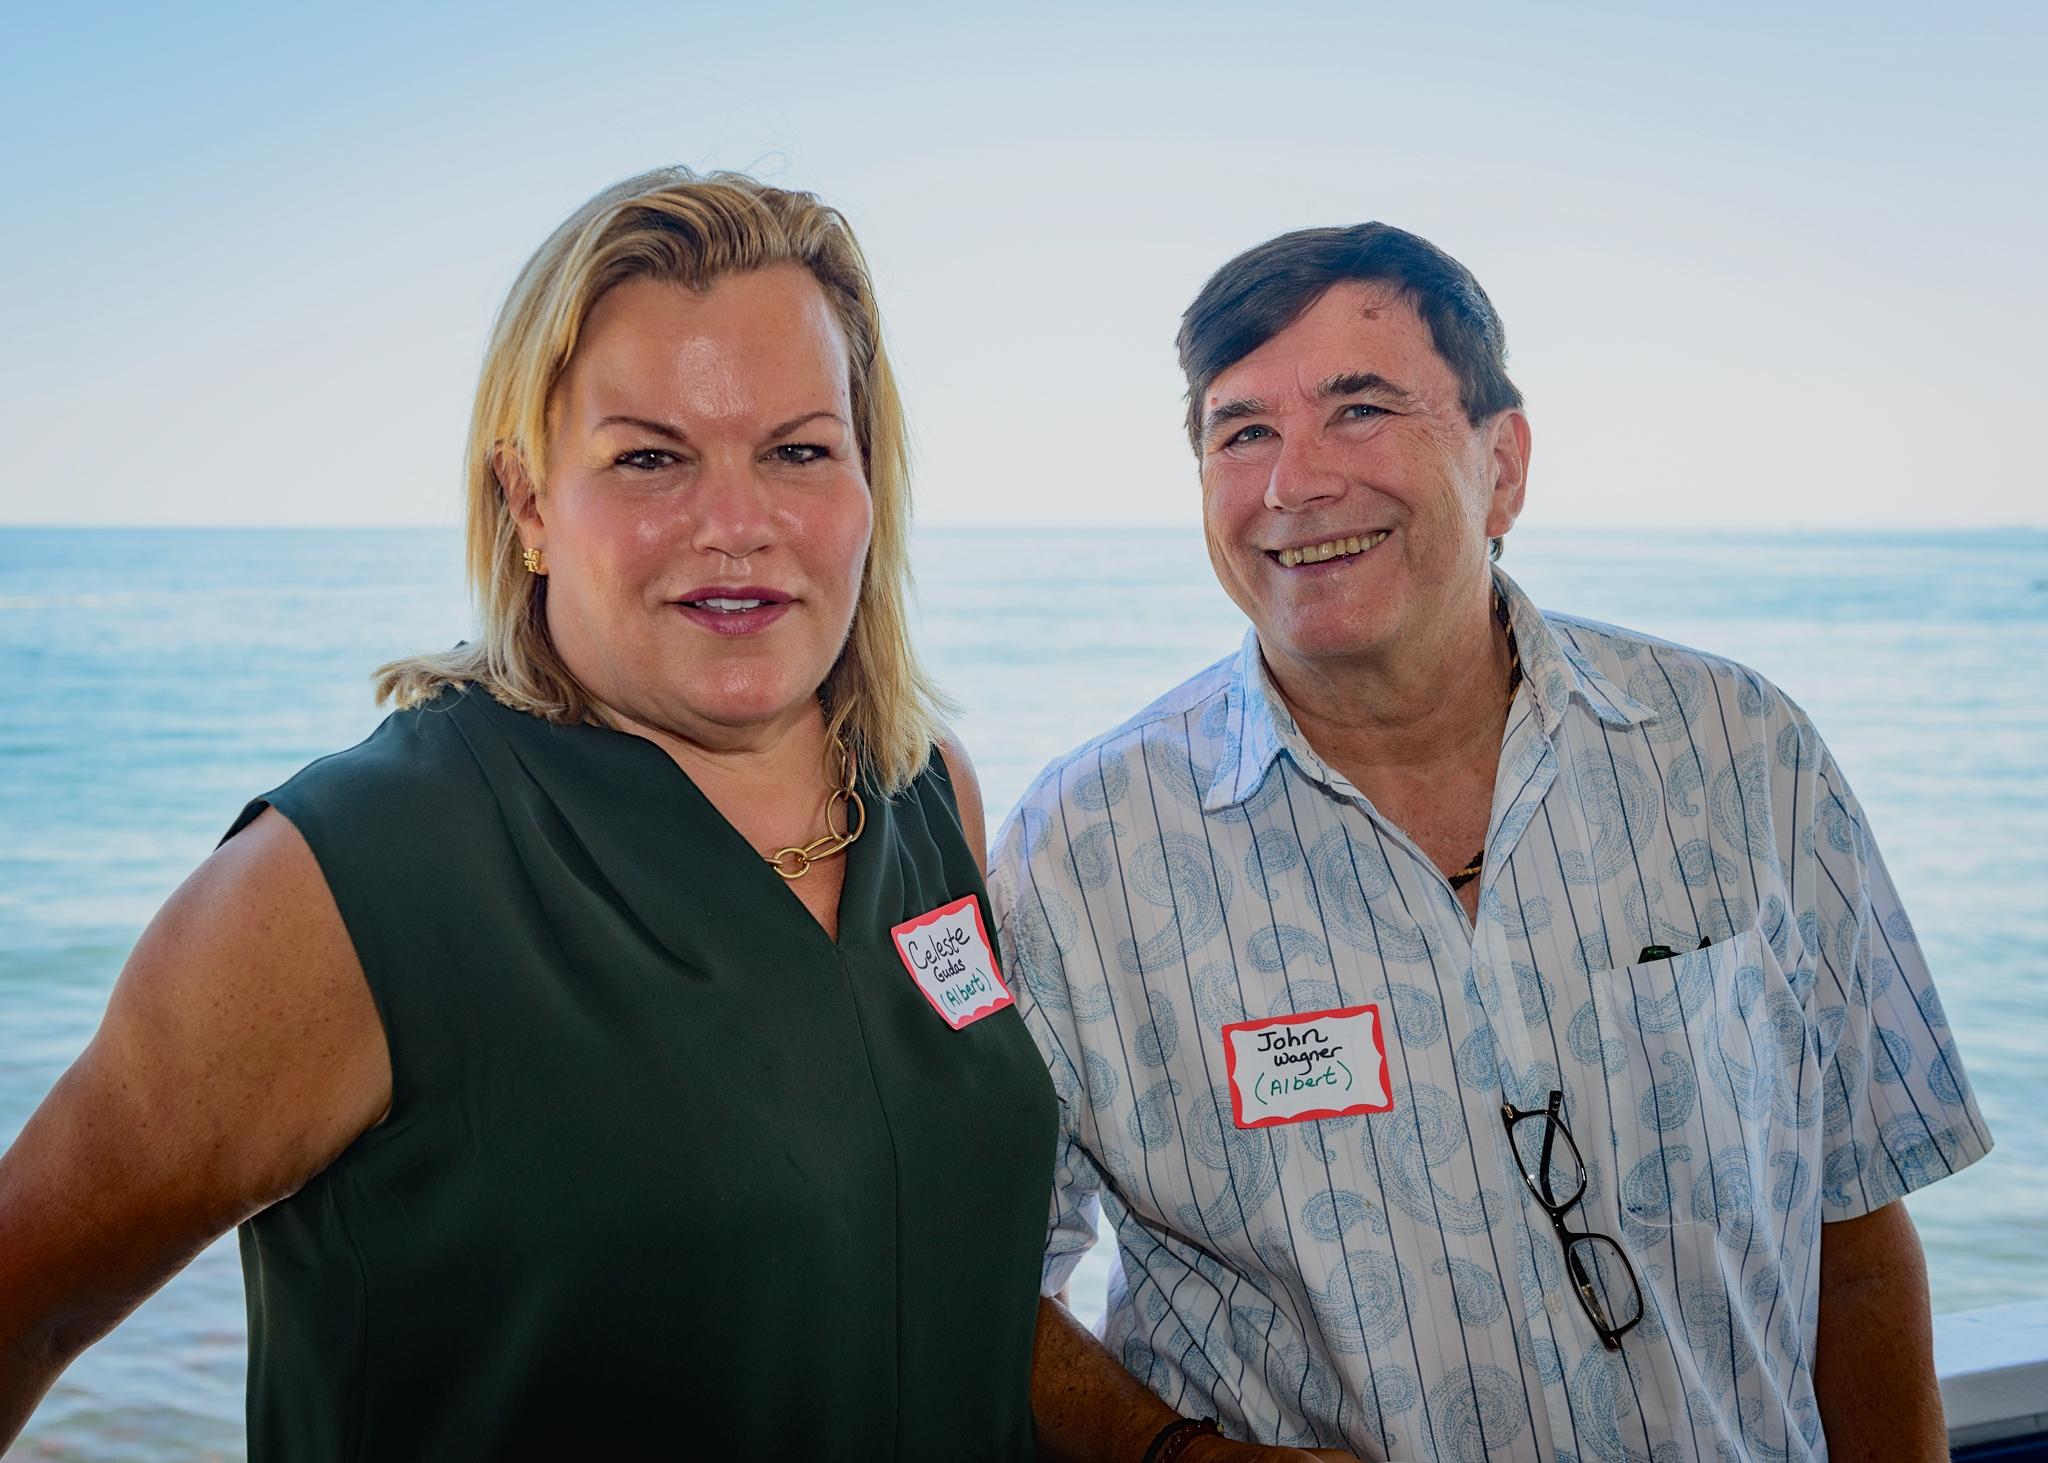 Celeste & John Wagner (Lorraine's partner)